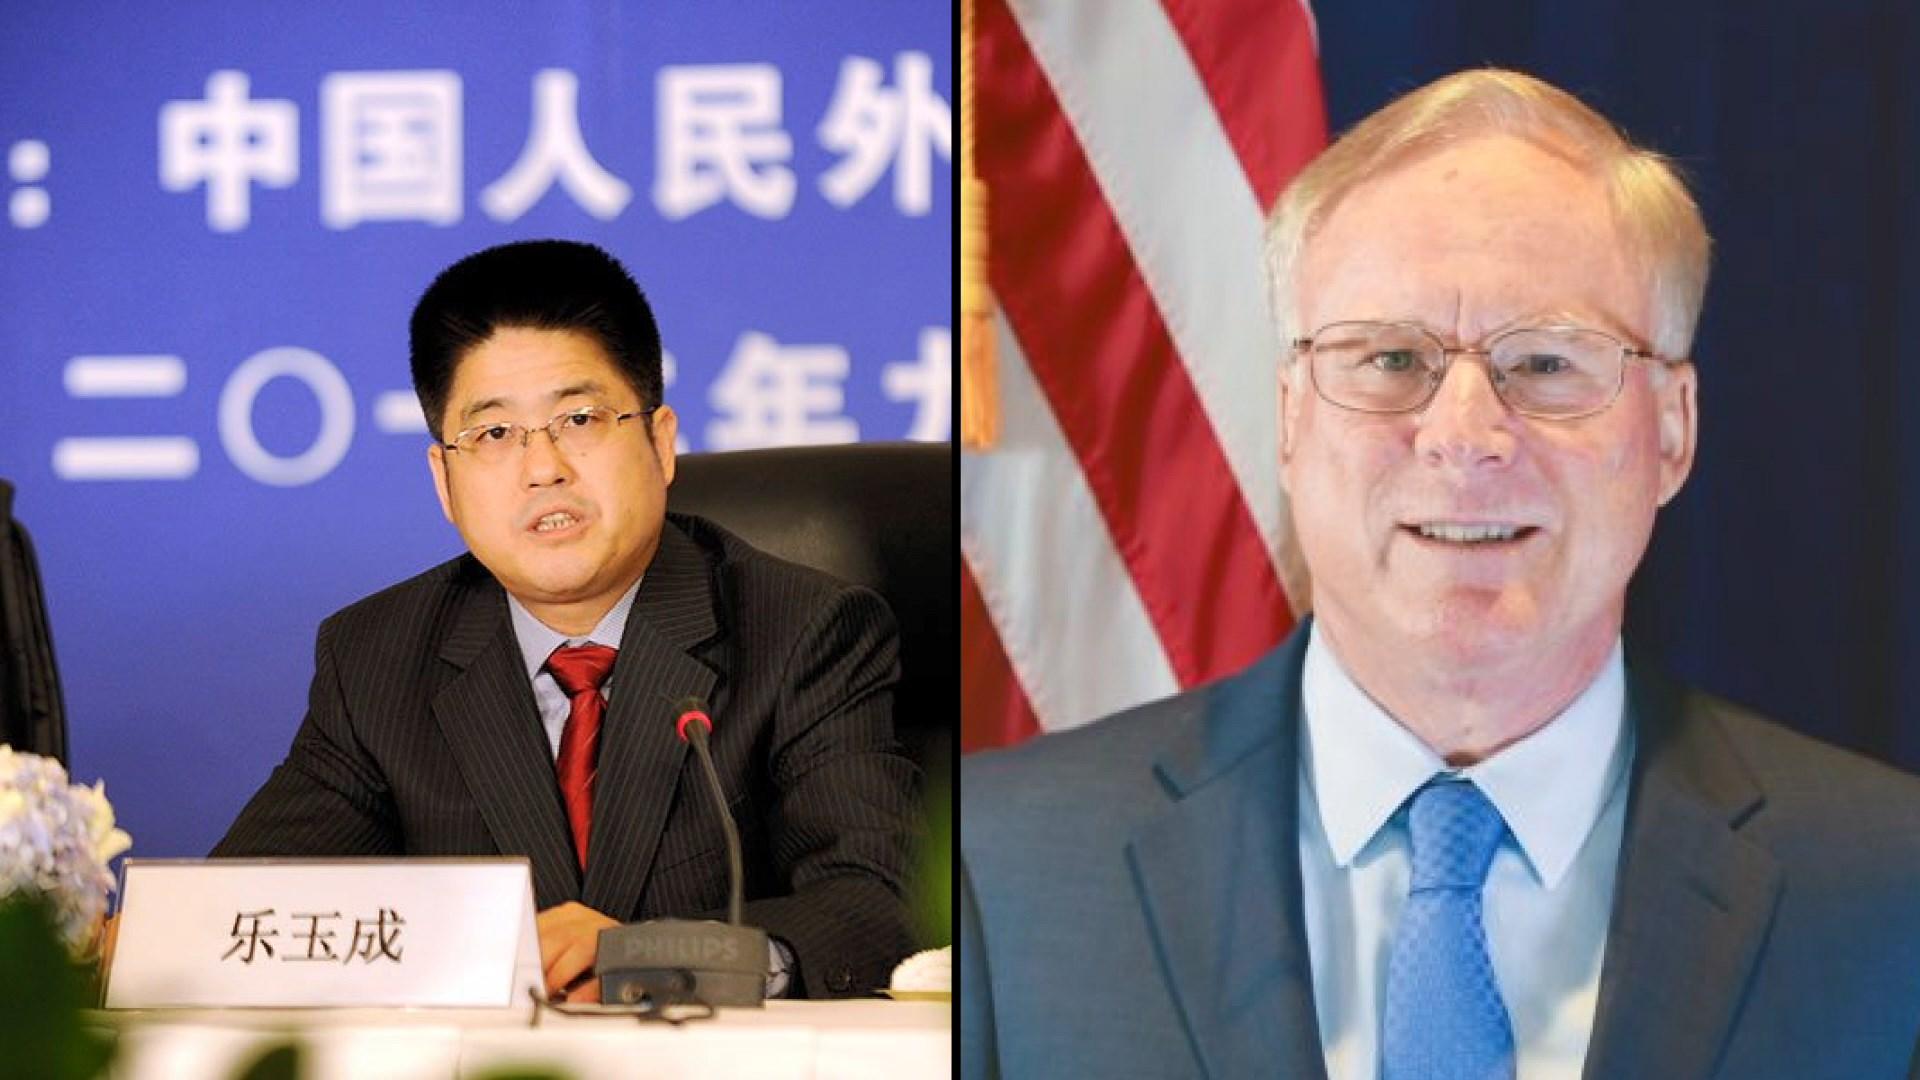 中國召見美國臨時代辦就涉港法案提嚴正交涉